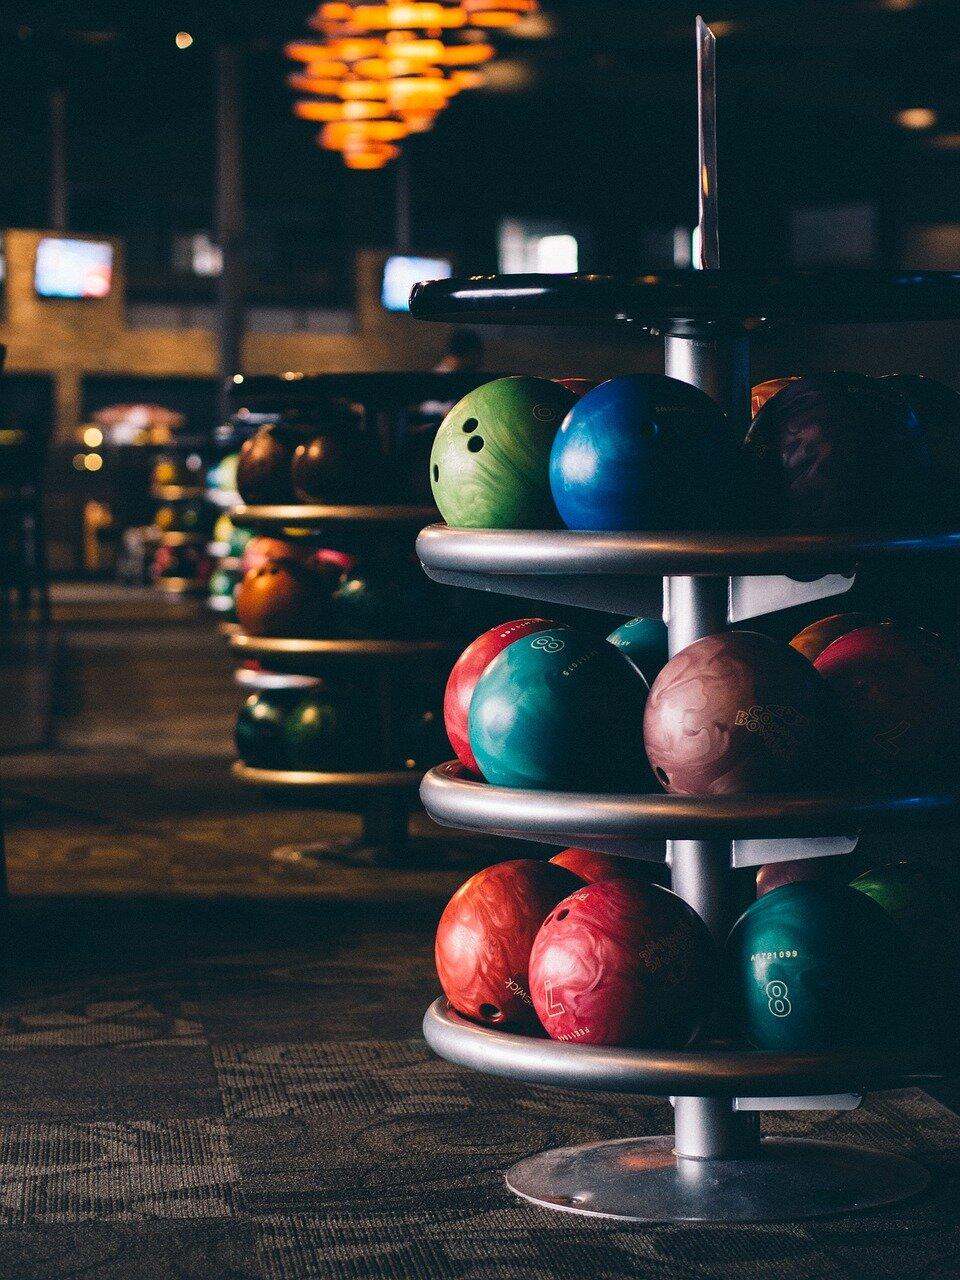 Jak grać w kręgle? Kilka prostych wskazówek, które pozwolą ci zacząć!